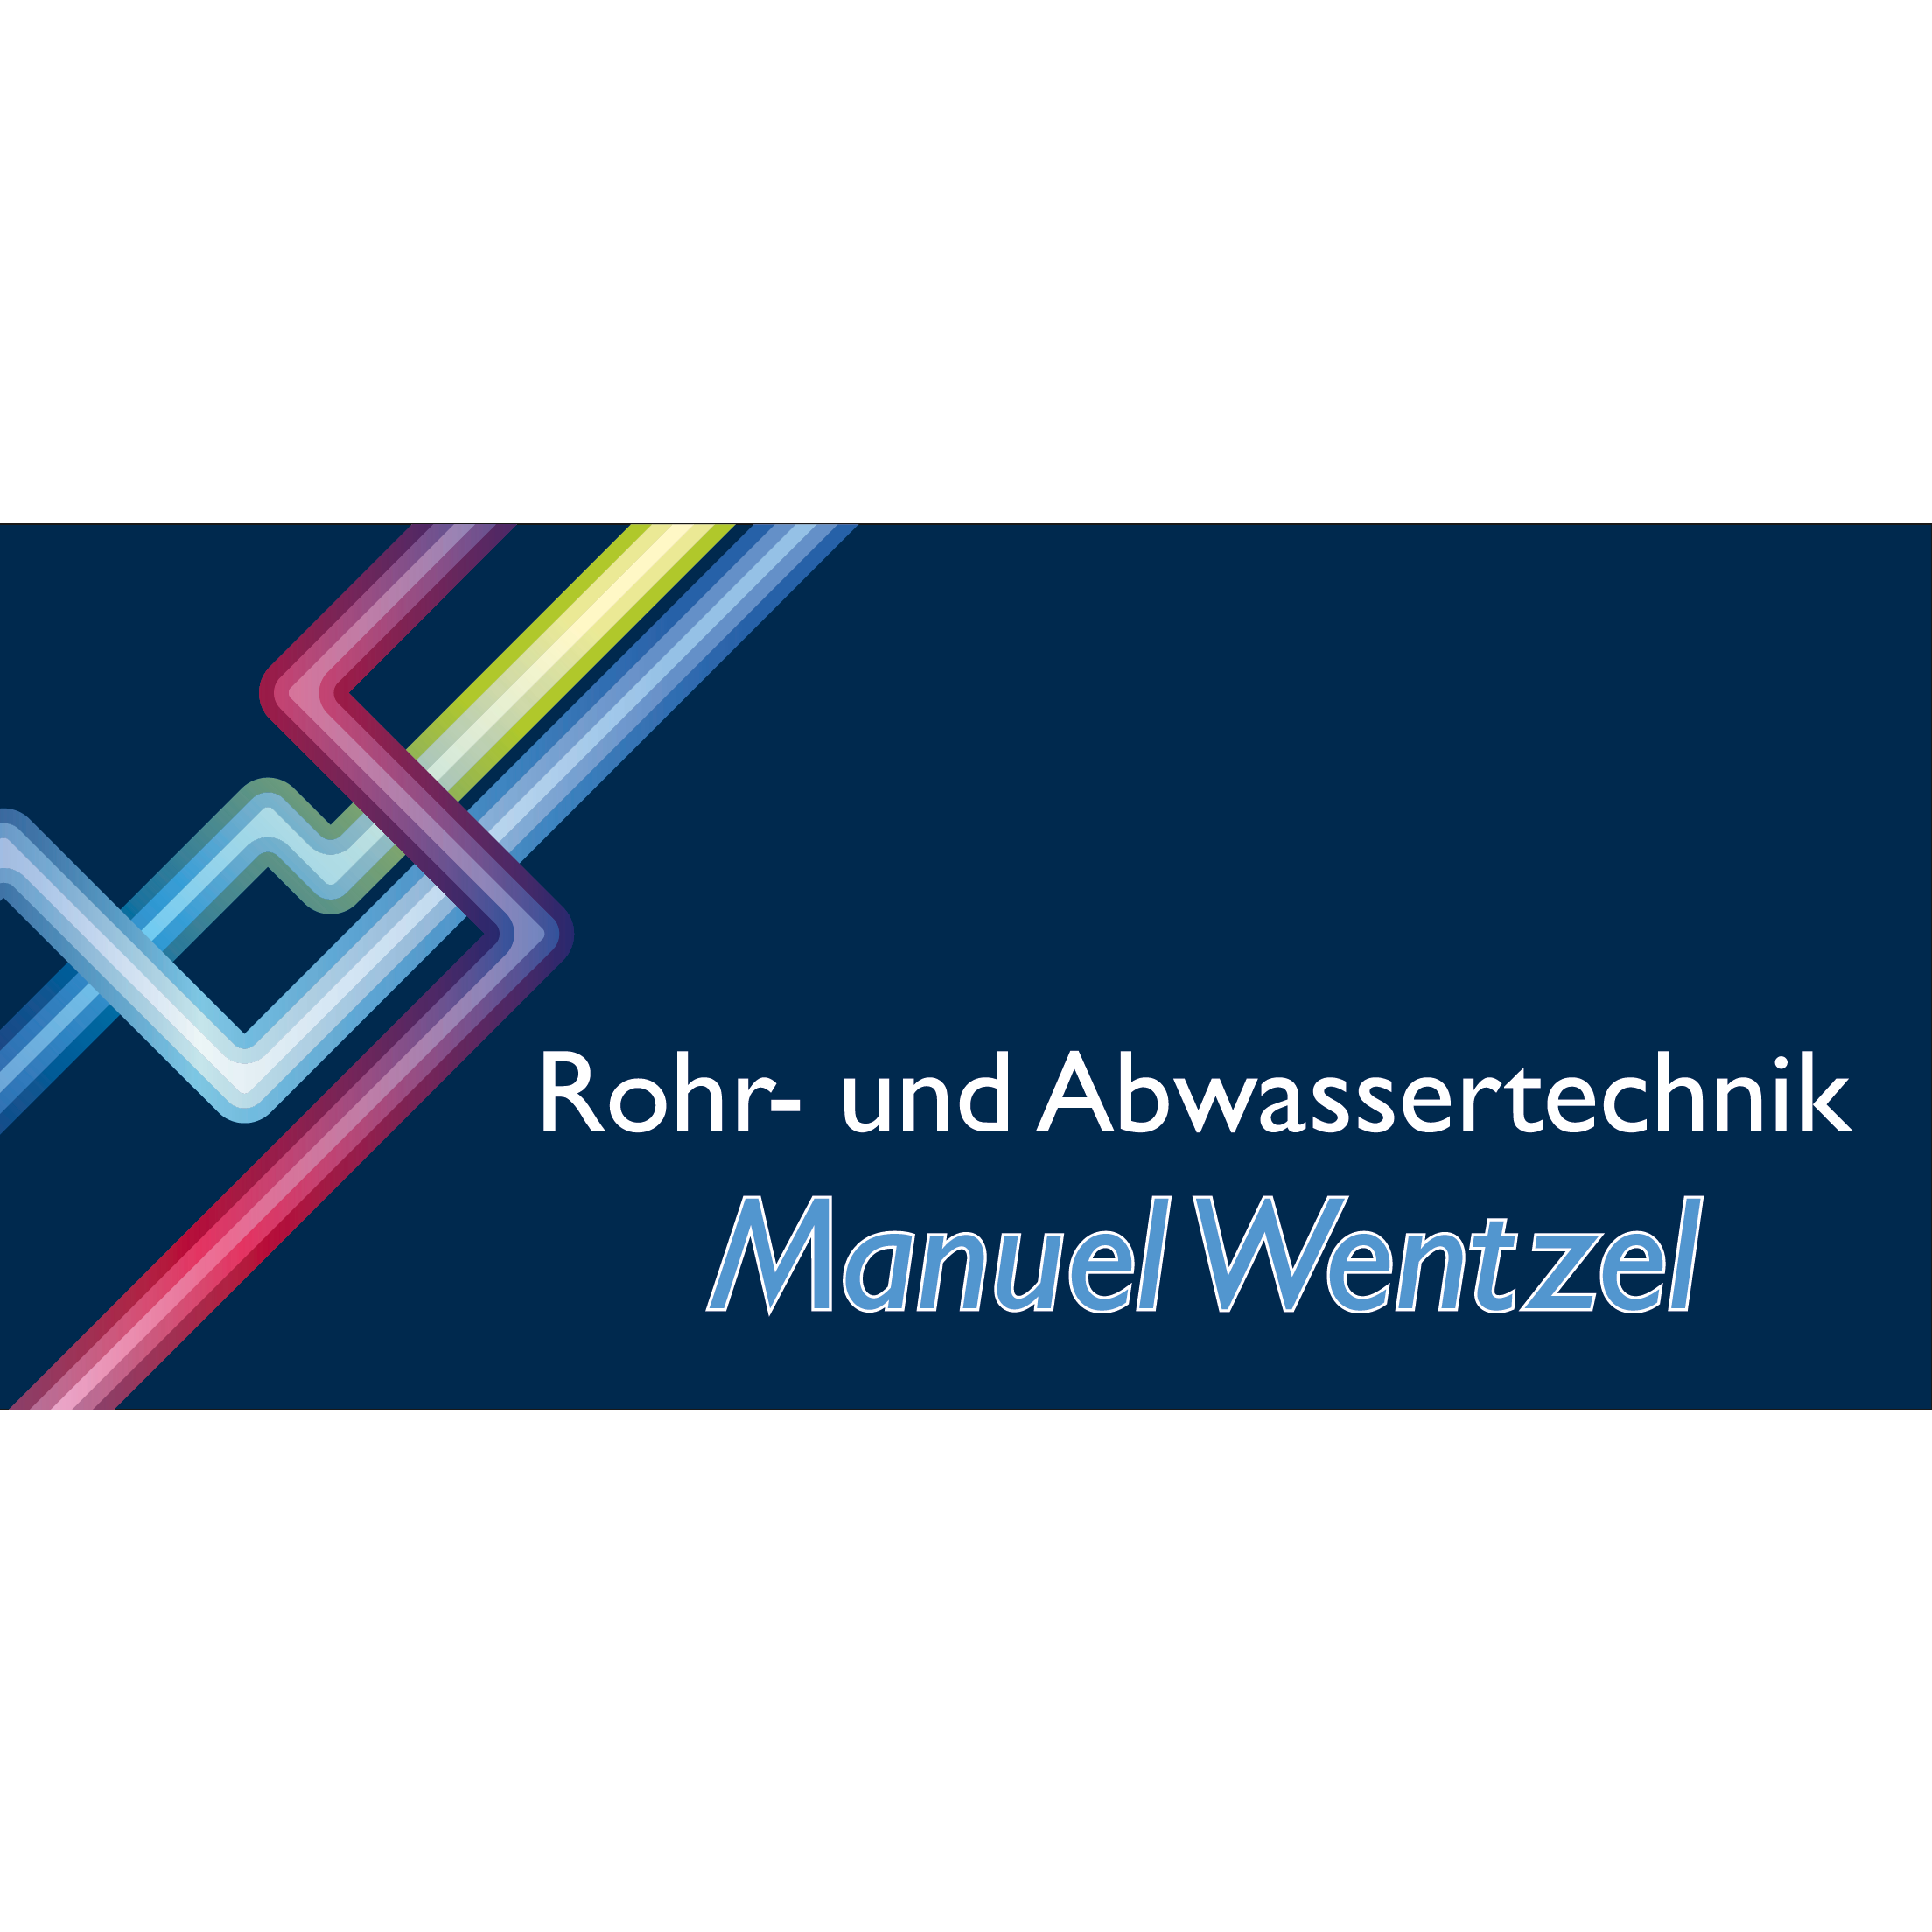 Bild zu Rohr- und Abwassertechnik Manuel Wentzel in Gottmadingen